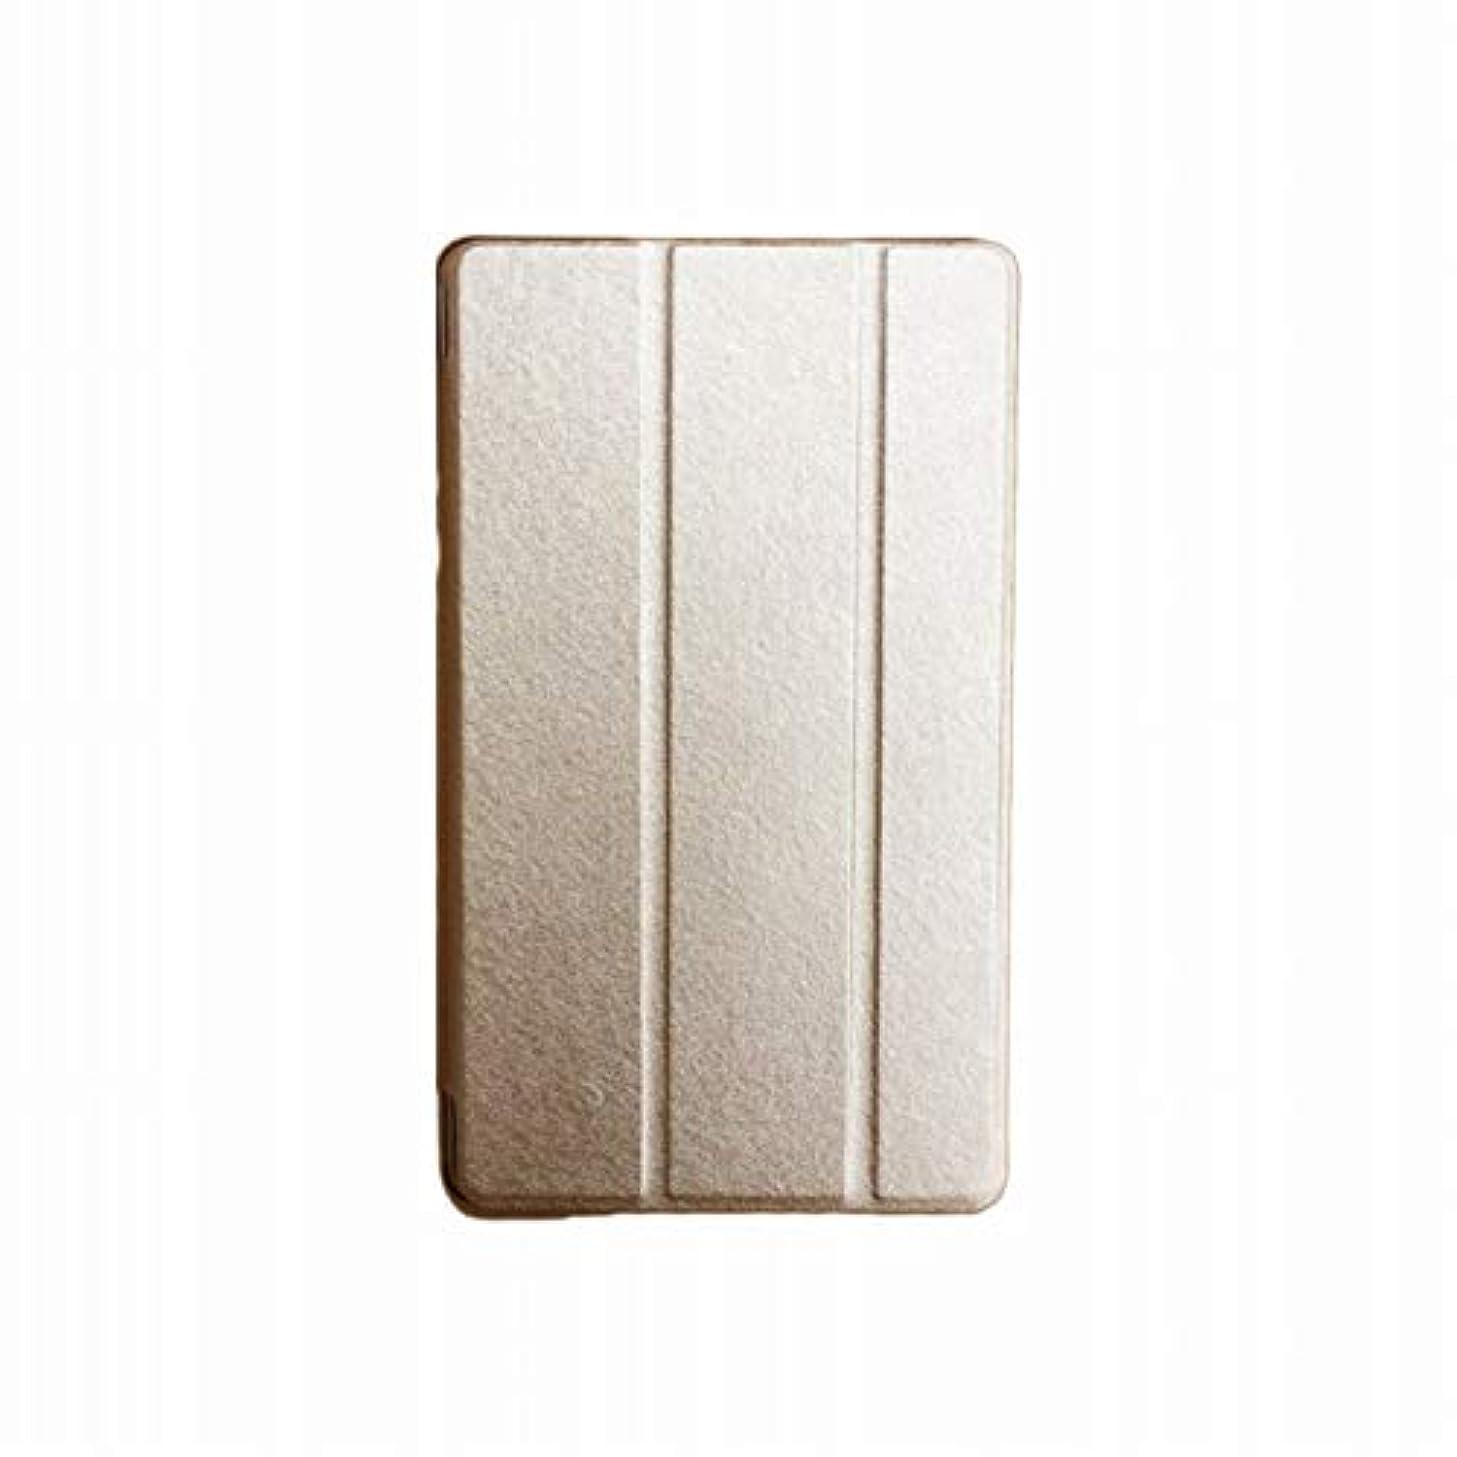 無知体細胞状況windykids 【保護フィルム 2枚 タッチペン付き】 iPad mini 5 2019 ケース iPad mini 4 カバー ゴールド mini5 アイパット7.9インチ スタンドケース スタンド アイパッド ミニ 第5世代 タブレットケース ipad-mini5(mini4),ゴールド(4set) ipad-mini5(mini4),ゴールド(4set)